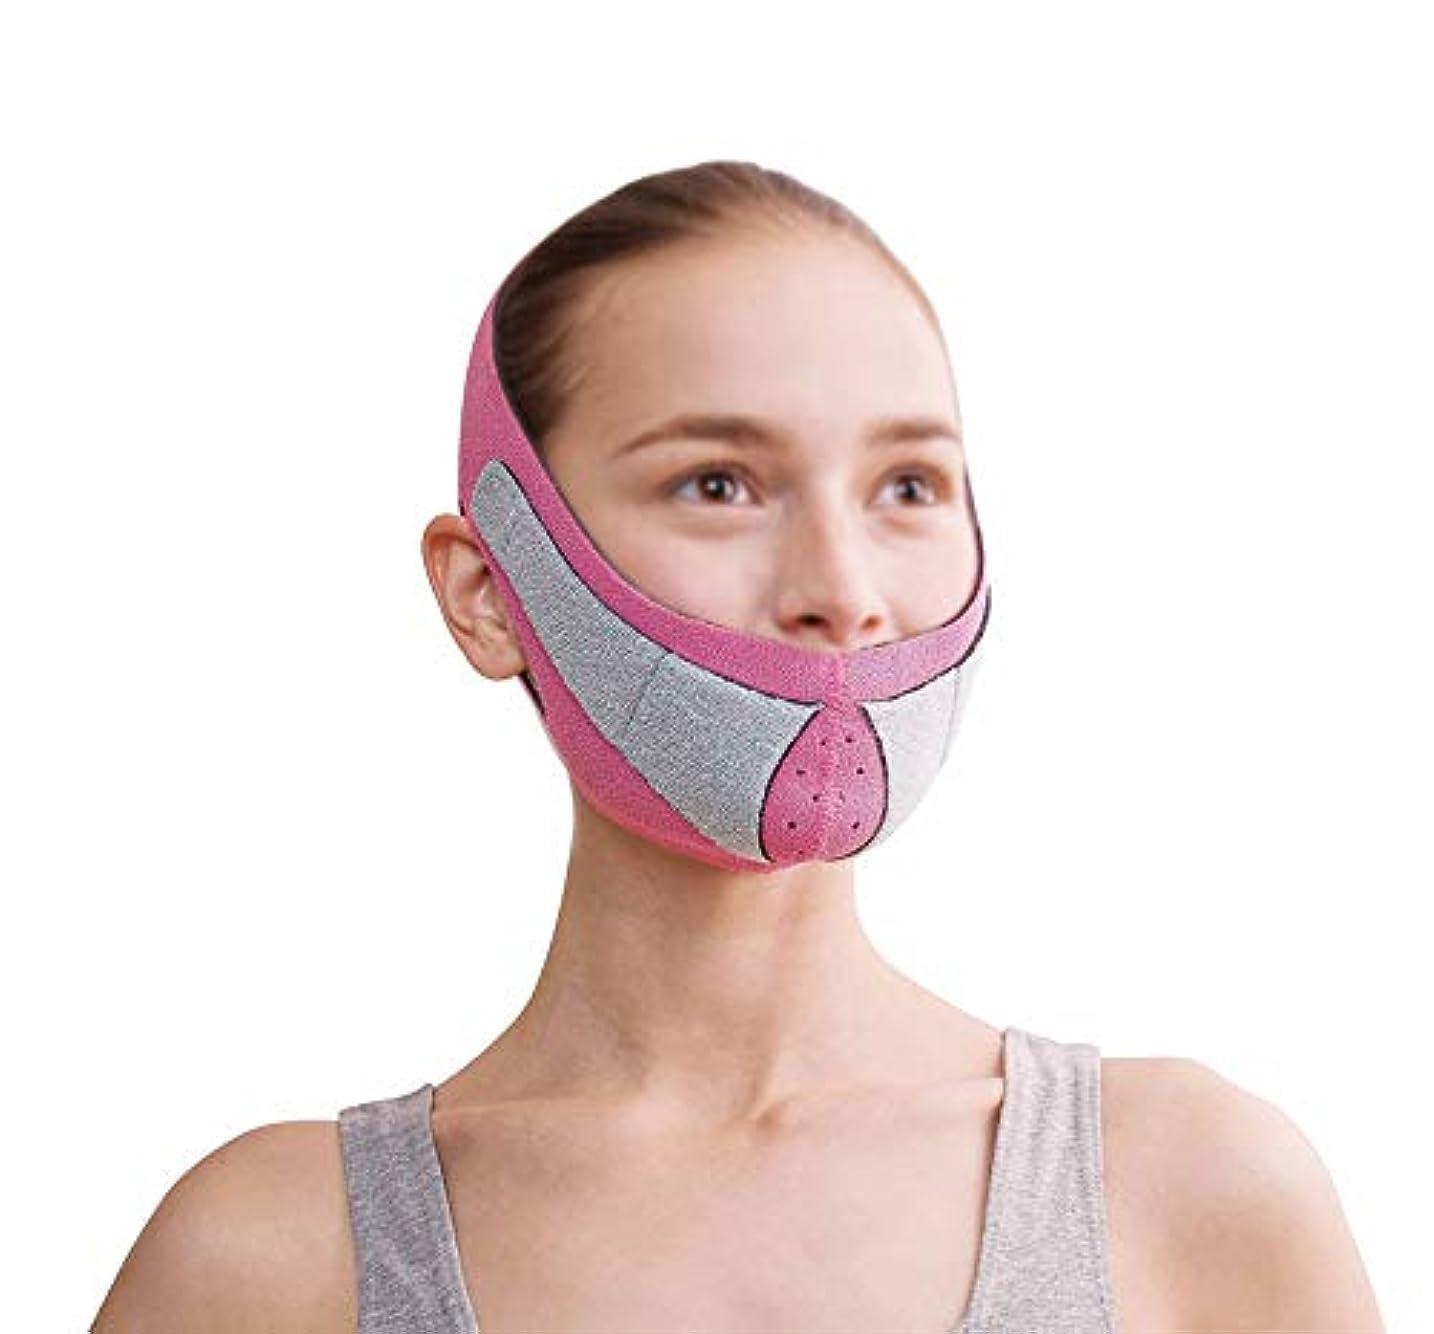 ホイスト変成器消費TLMY 薄い顔のマスクのマスクと垂れ下がり防止の薄い顔のマスク薄い顔のマスクのアーティファクトの美しさの首ネックストラップを引き締め 顔用整形マスク